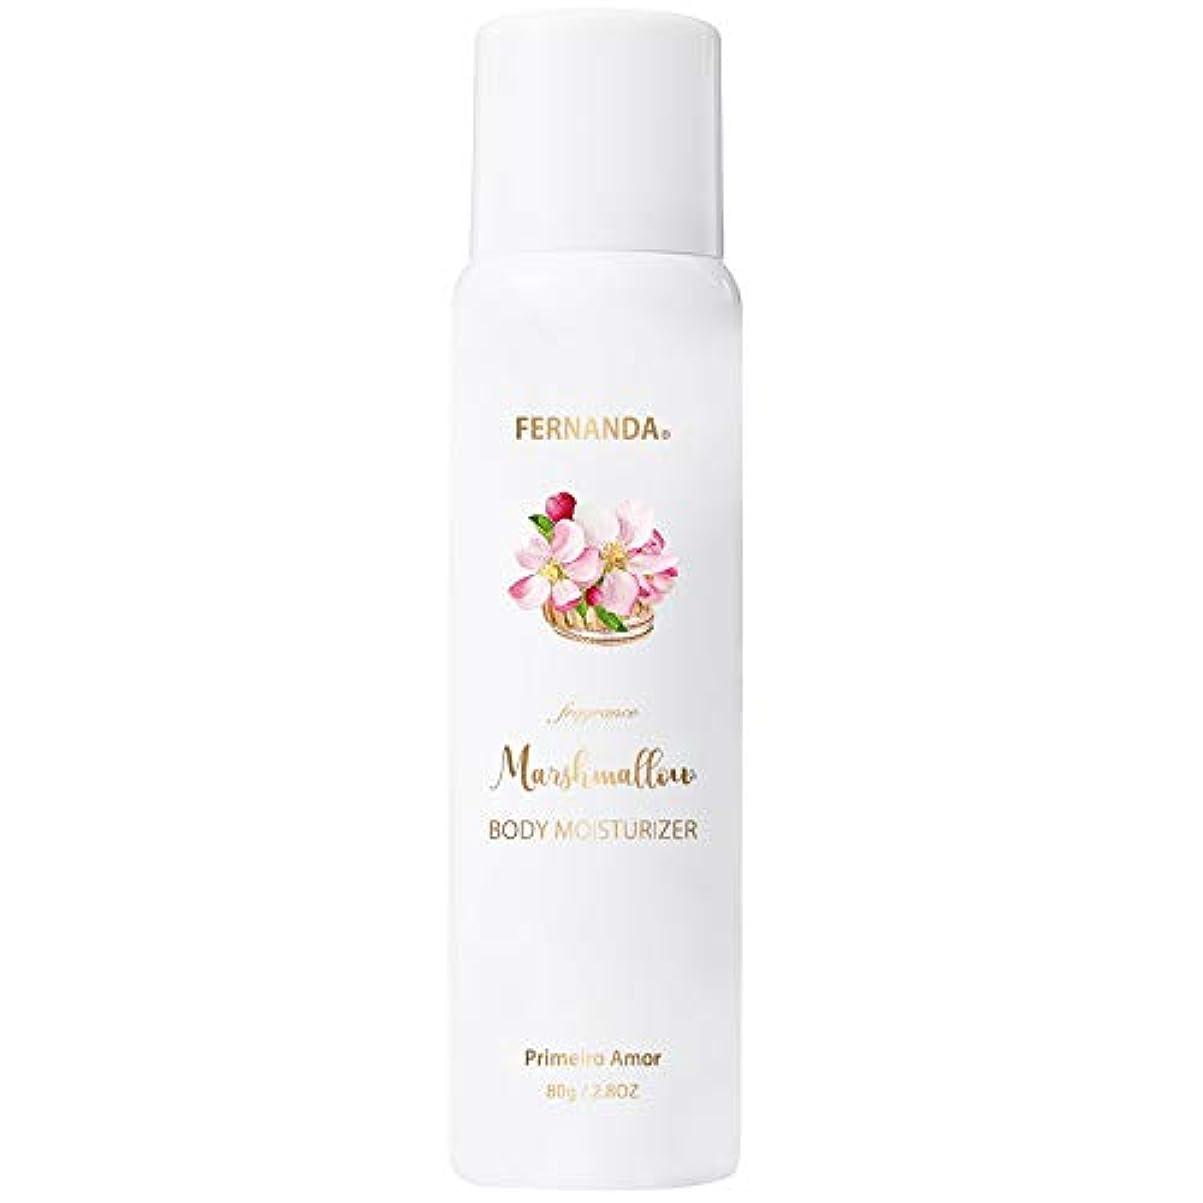 合意成長間隔FERNANDA(フェルナンダ) Marshmallow Body Moisturizer Primeiro Amor (マシュマロ ボディ モイスチャライザー プリメイロアモール)